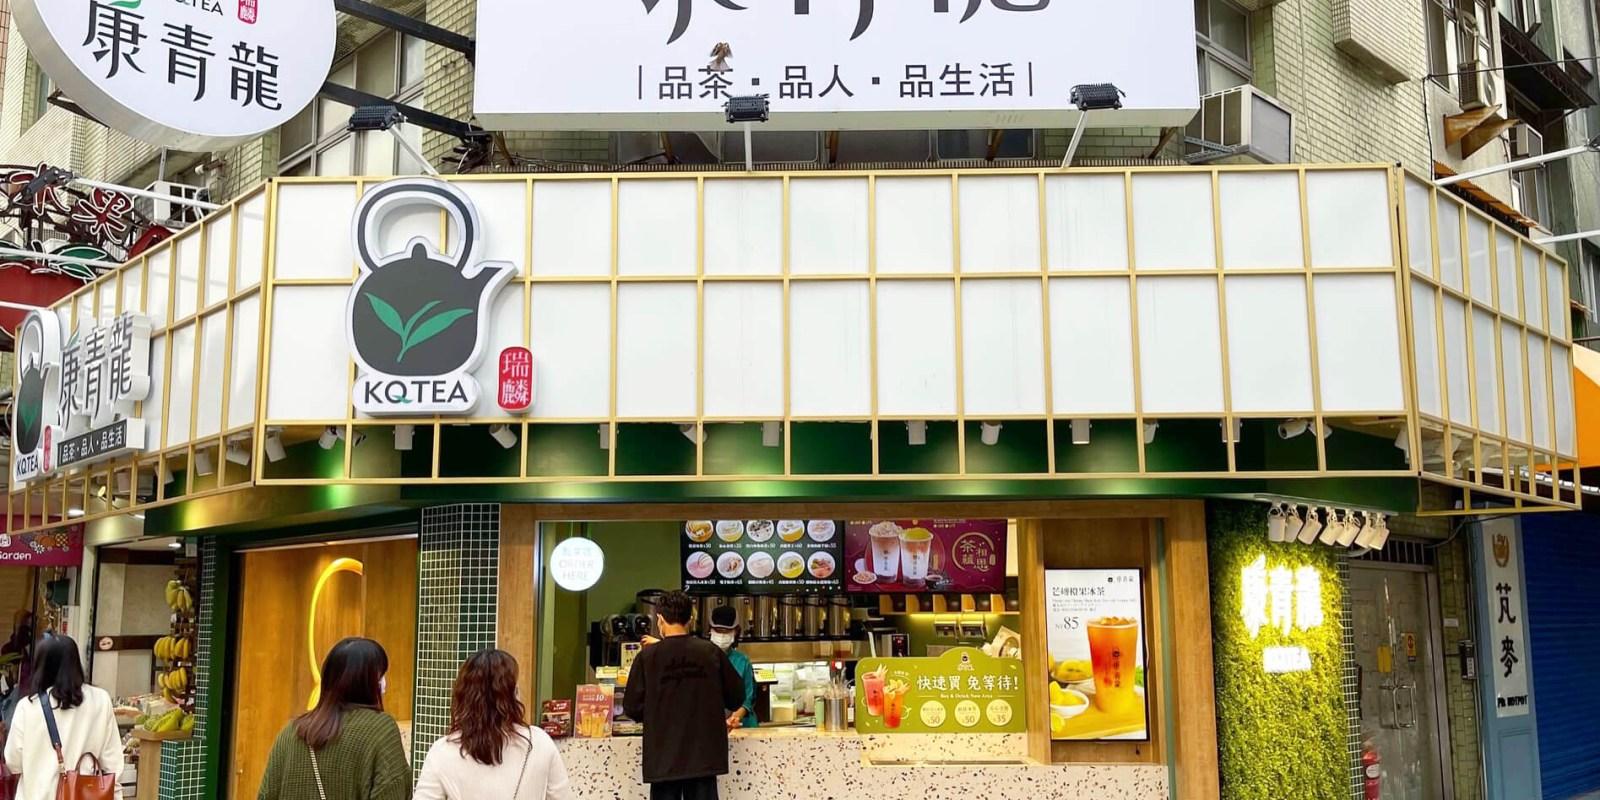 康青龍的2021年菜單、優惠、最新品項和分店介紹(5月更新)